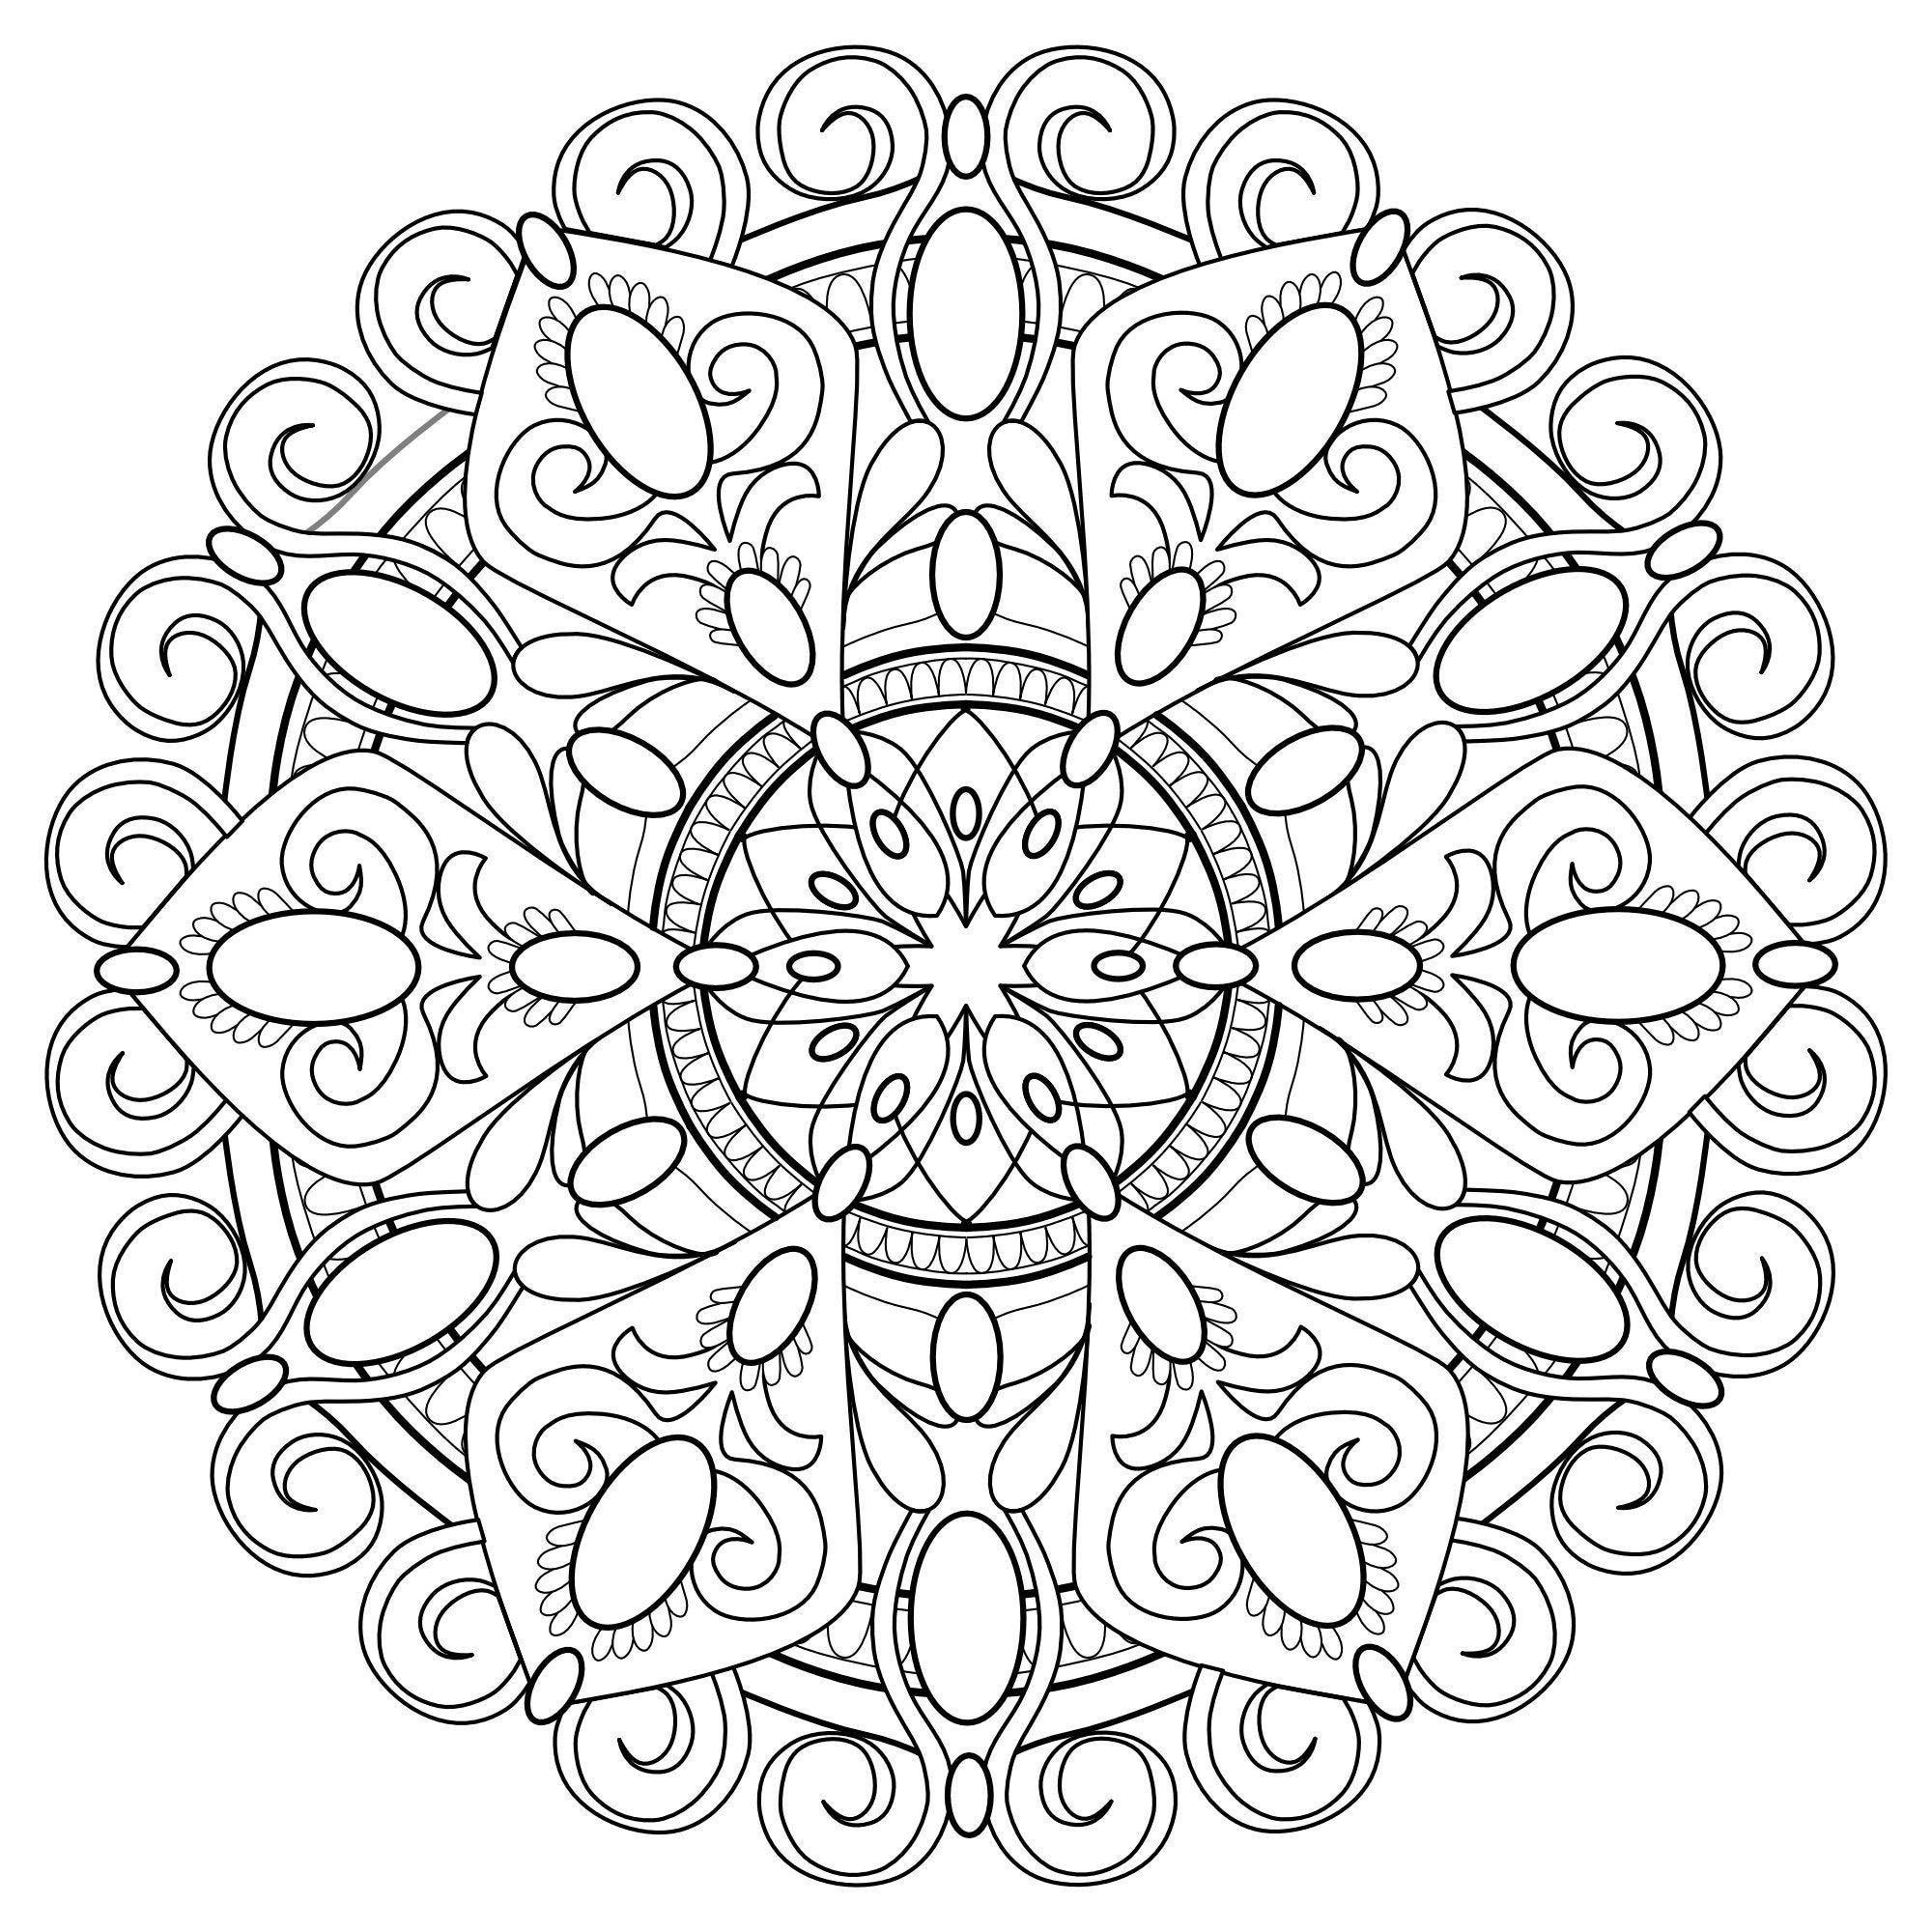 Mandala Madness Coloring Book No.4 - 5 printable PDF ...